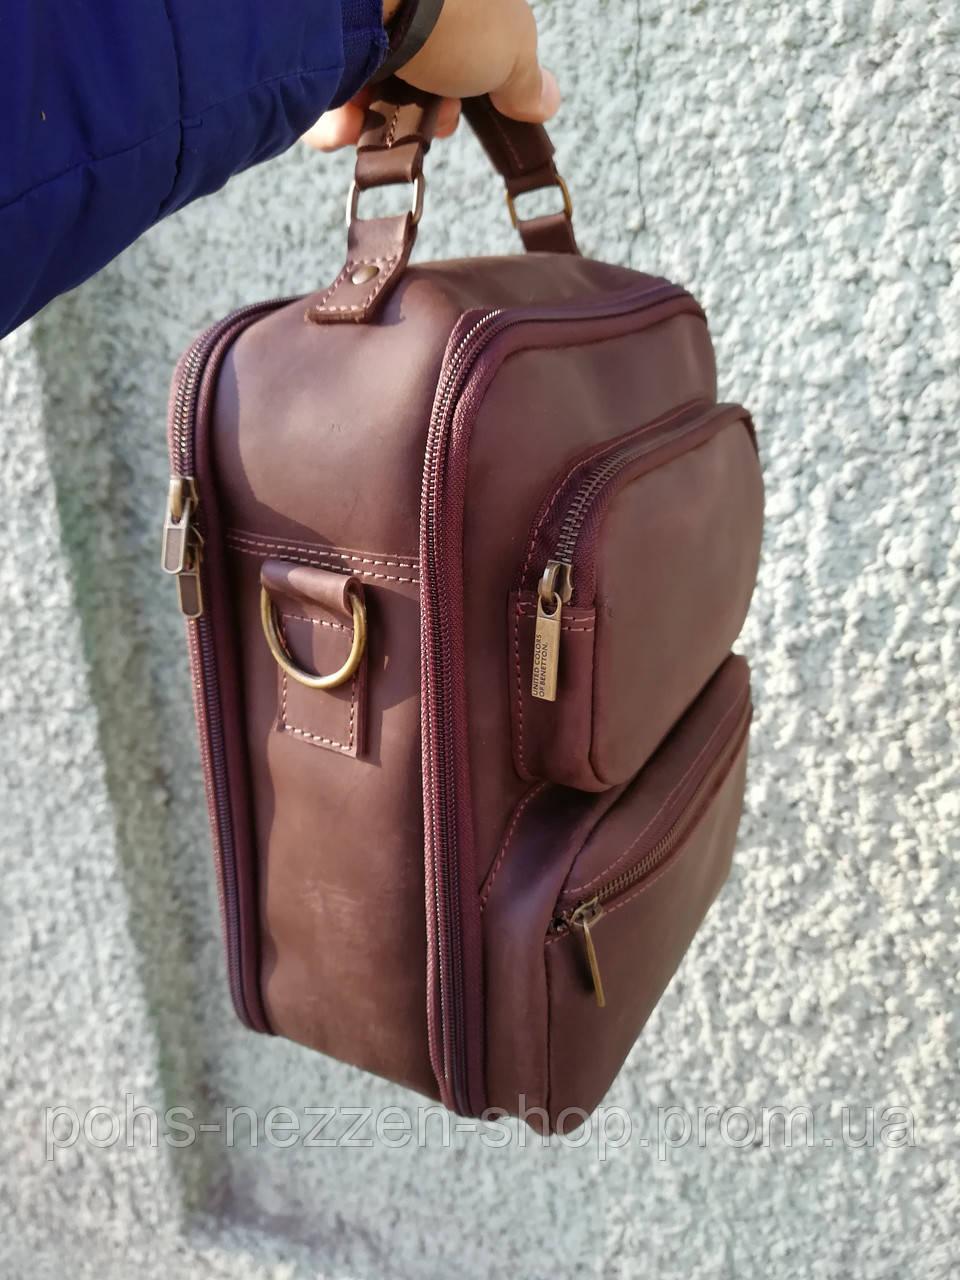 624649325e8b Мужская кожаная сумка через плечо, ручной работы. Светло-коричневый цвет. -  Zen